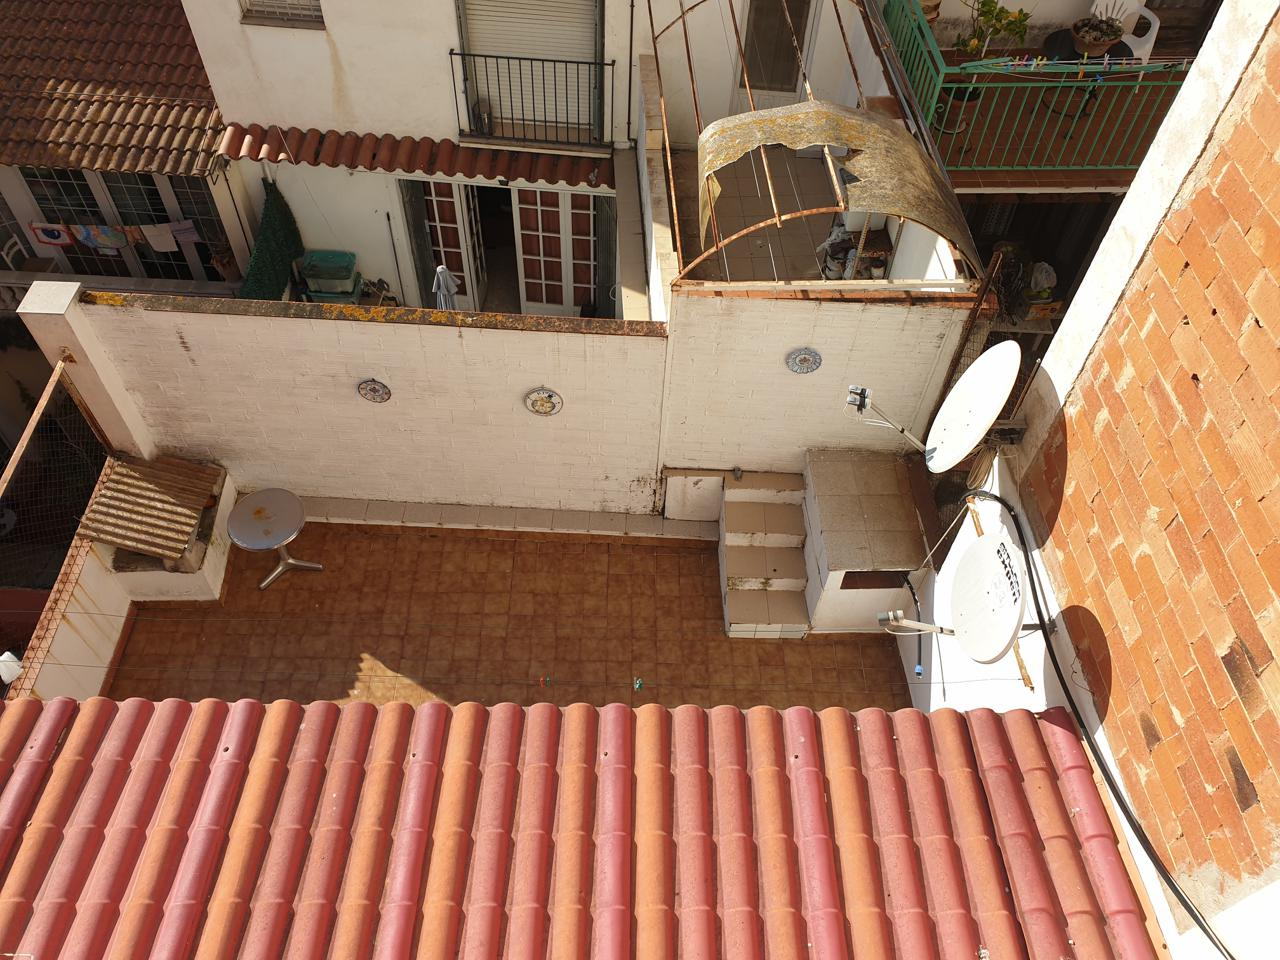 Edifici  Calle carrer sant lluis. Se vende casa de 3 plantas al lado de la playa que consta de 6 v